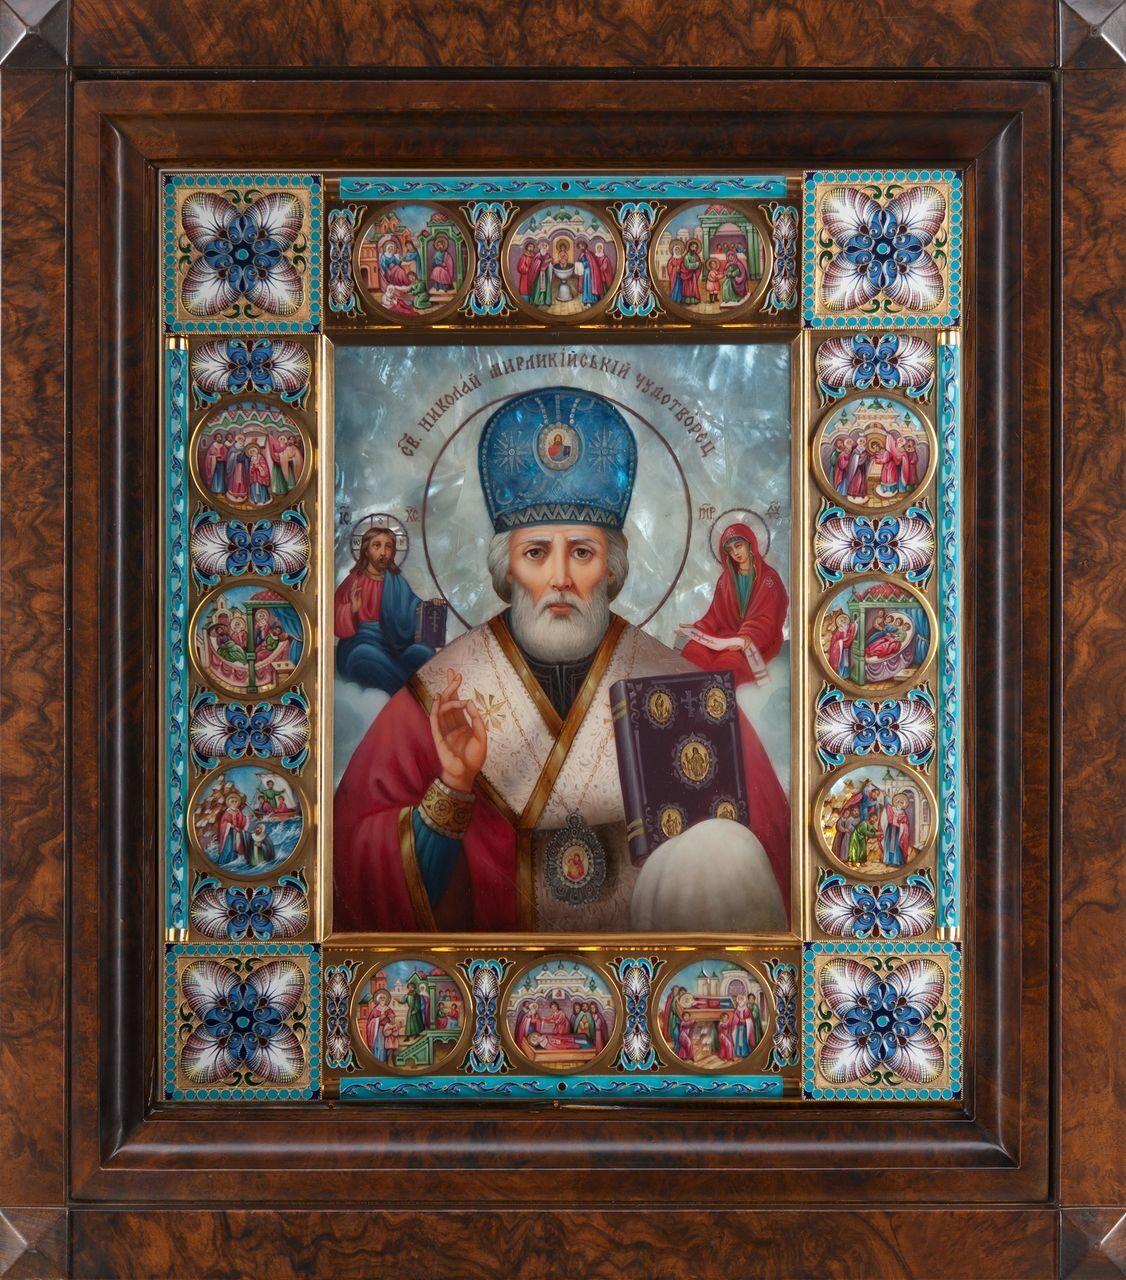 Икона Святой Николай Чудотворец,икона ...: bytenko.ru/shop?mode=folder&folder_id=1244000